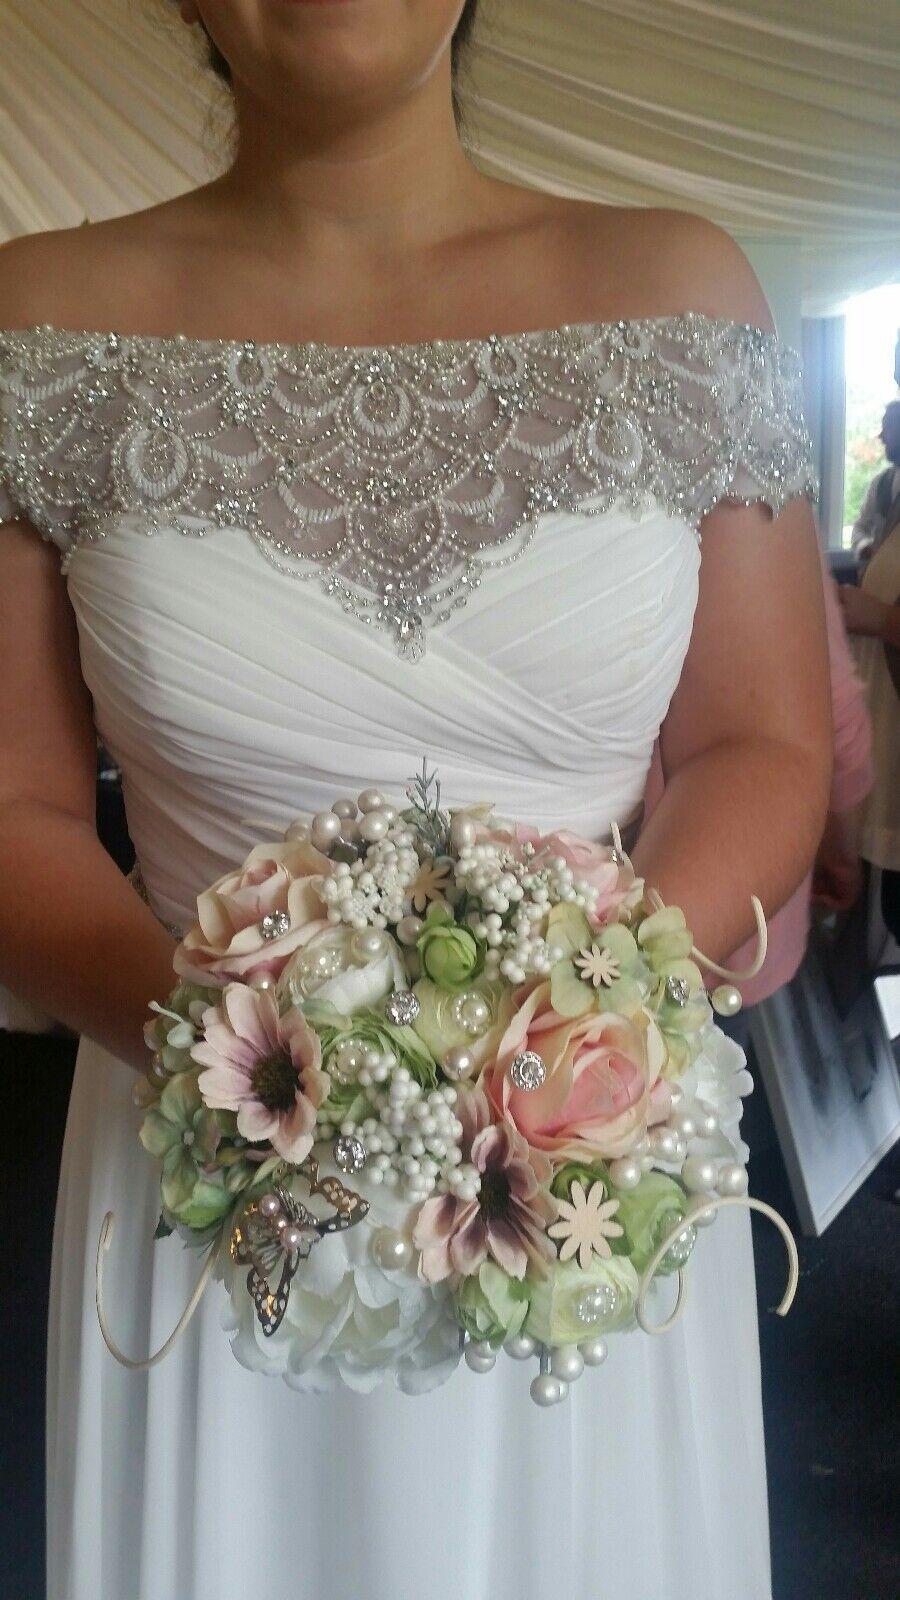 Alternative Mariées Mariage bouquet, fleurs de soie, la plupart des couleurs, perles & butterflys